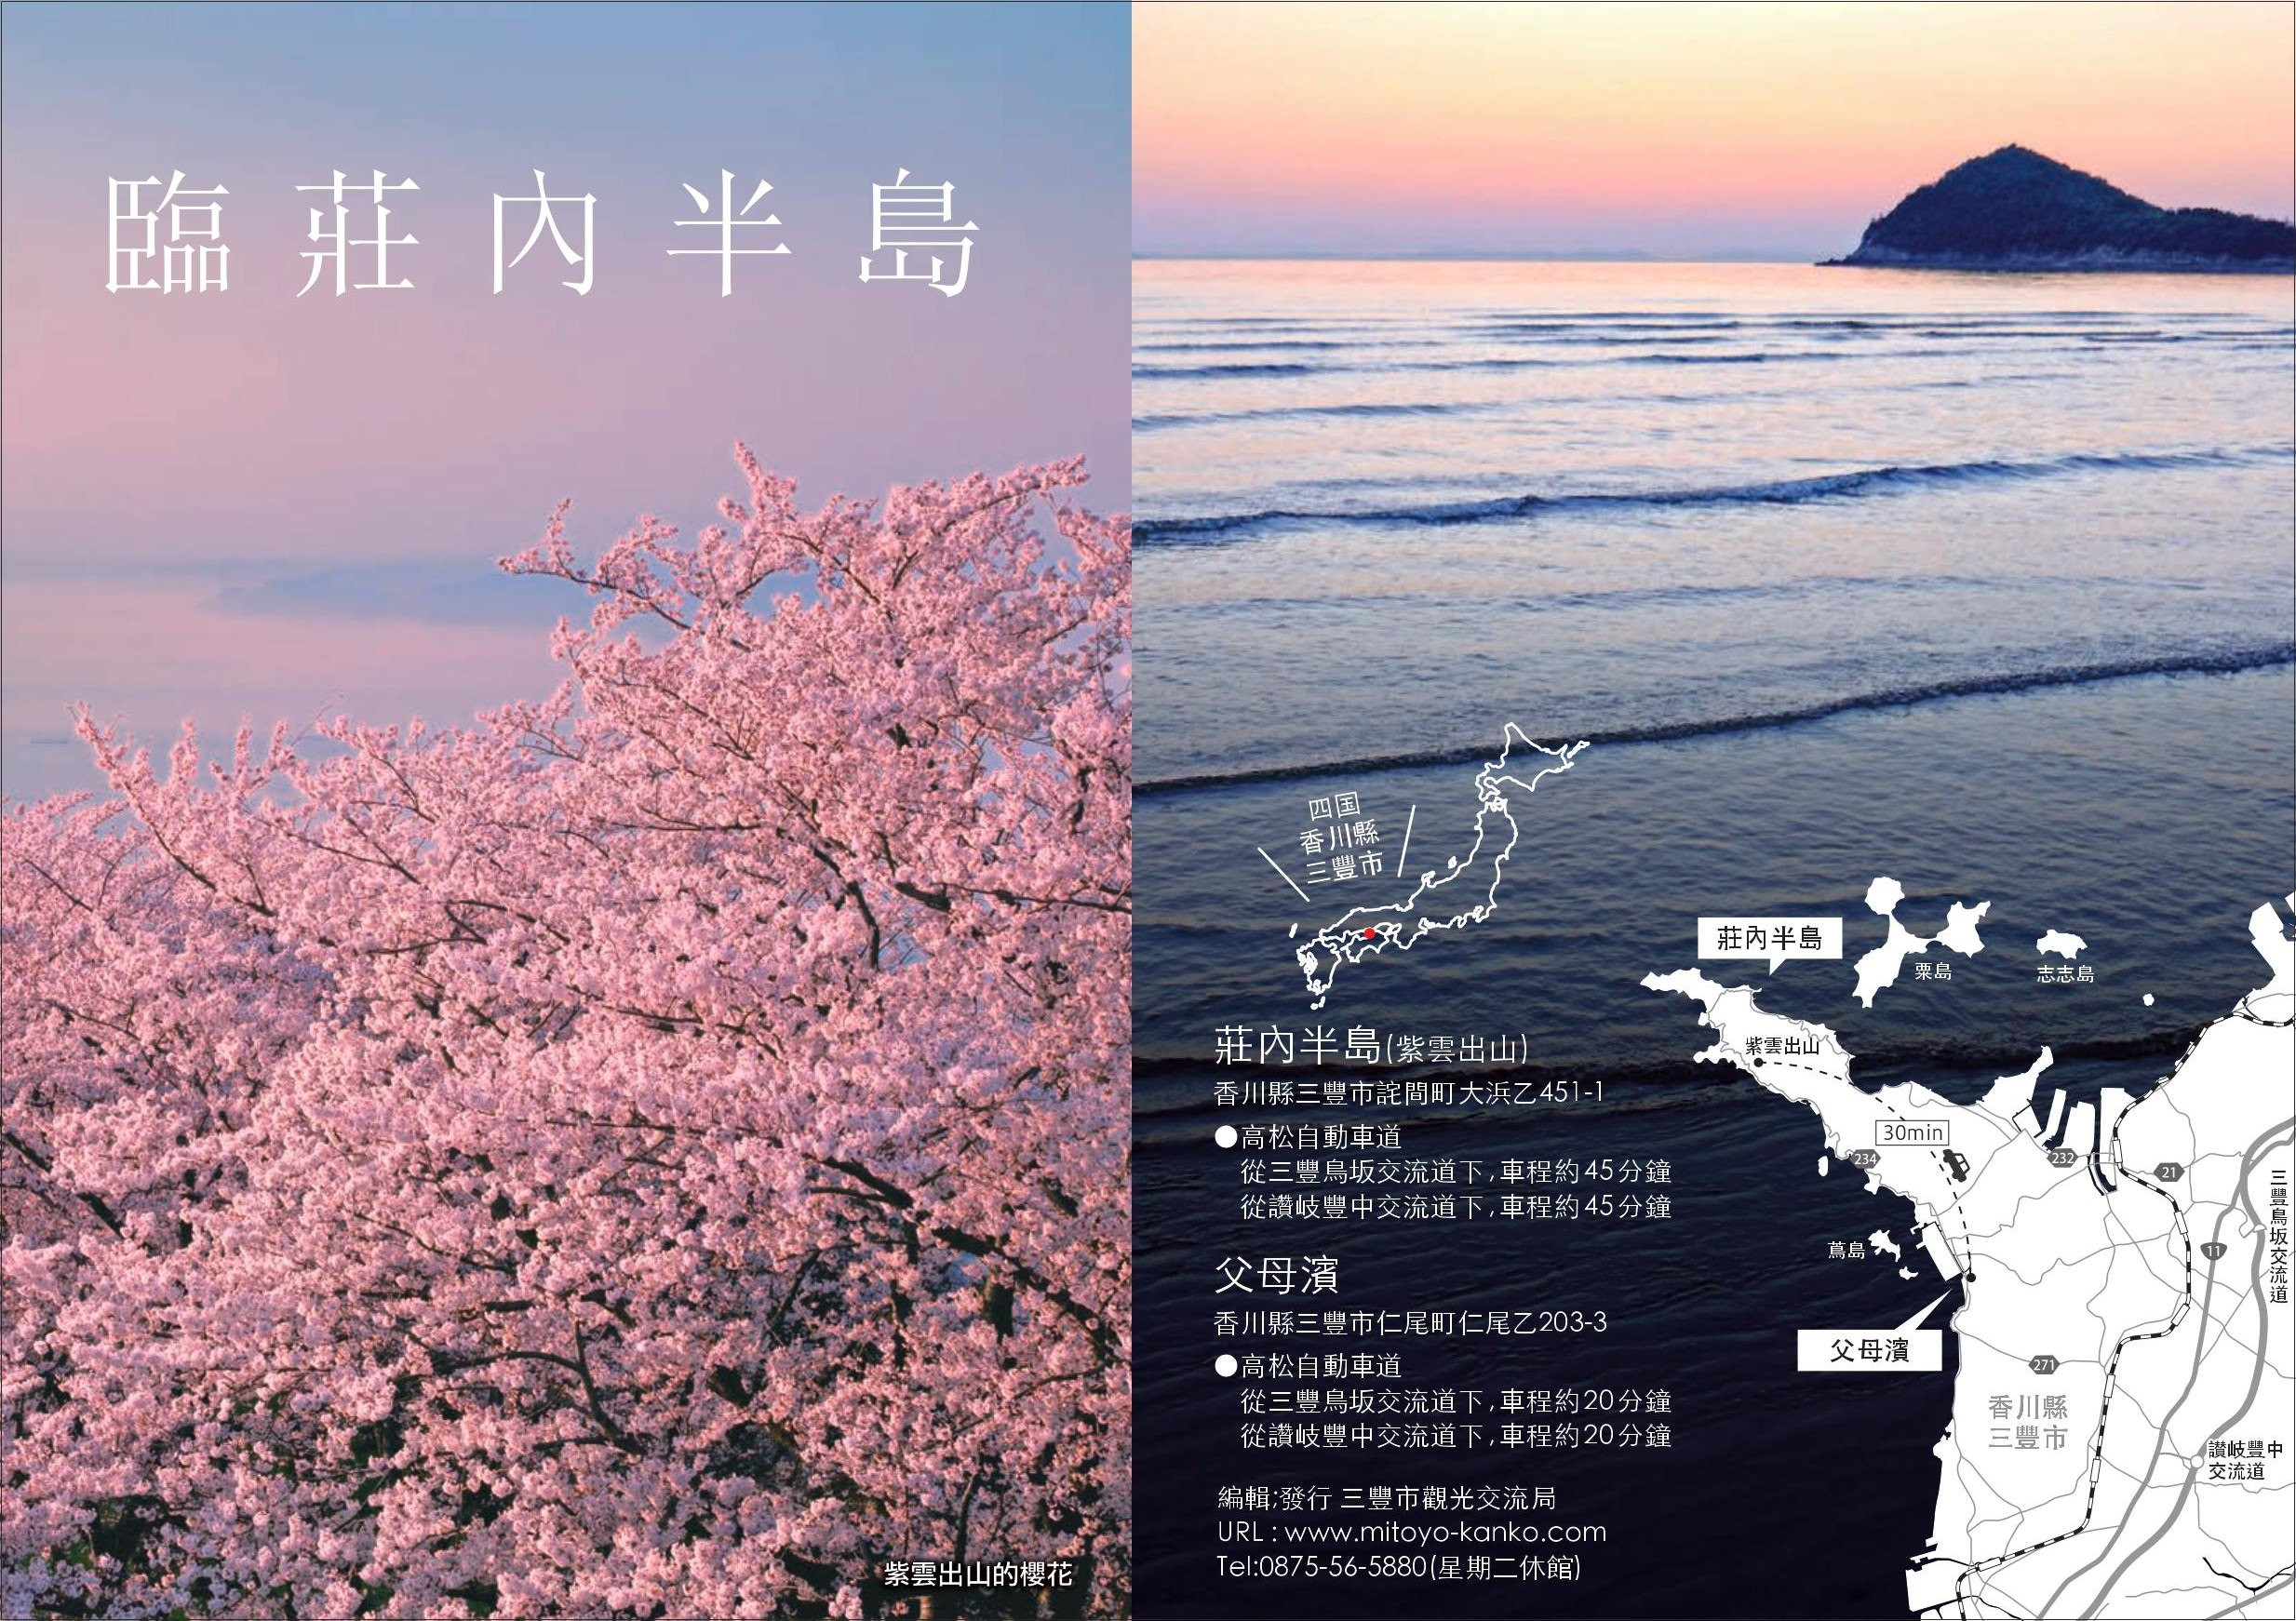 日本天空之鏡。父母濱 (父母ヶ浜)|瀨戶內海絕景,媲美玻利維亞烏尤尼鹽沼|交通說明